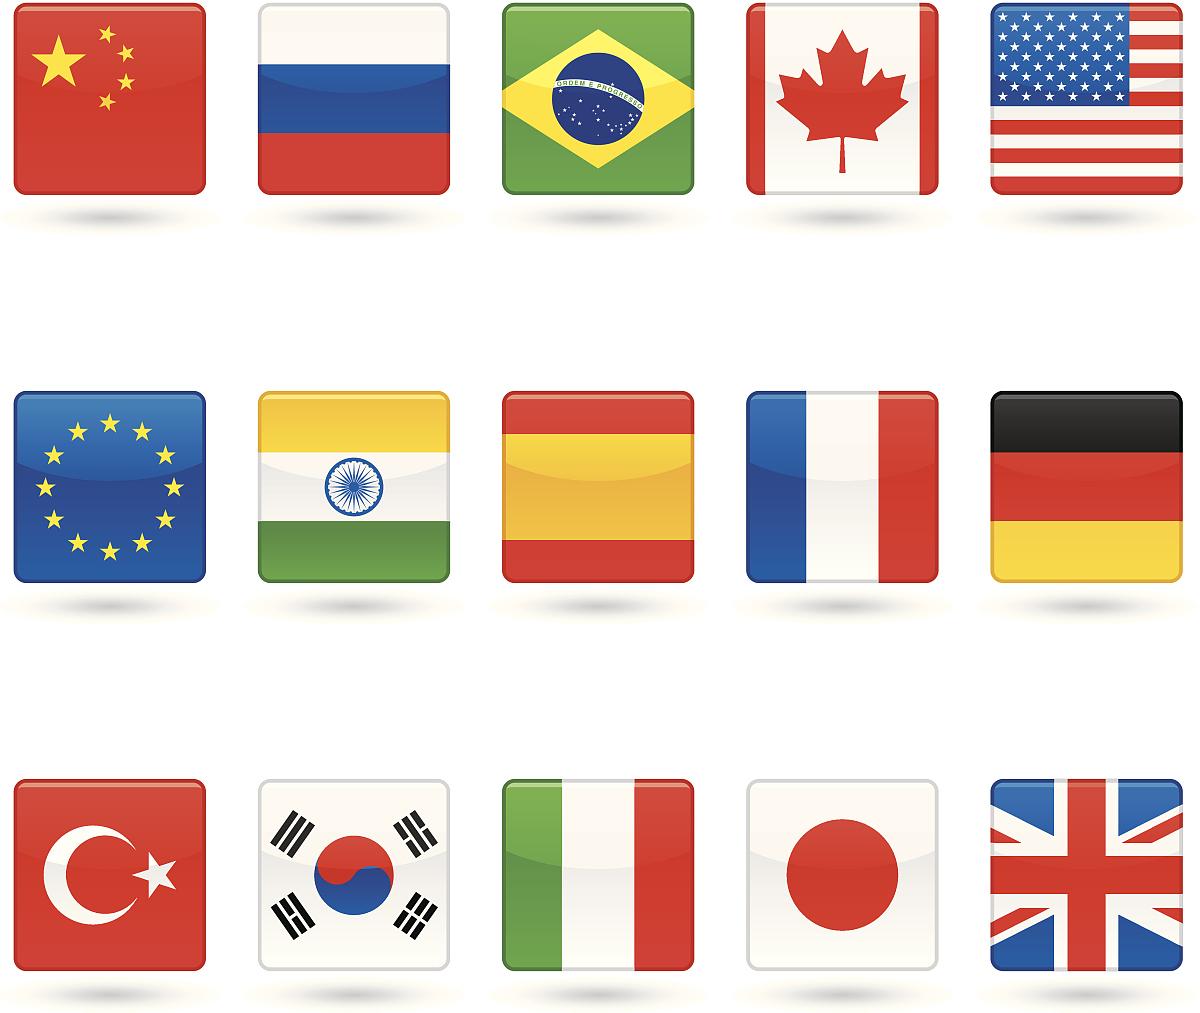 计算机图标,欧盟旗,意大利国旗,不列颠国旗,美国国旗,加拿大国旗,中国图片